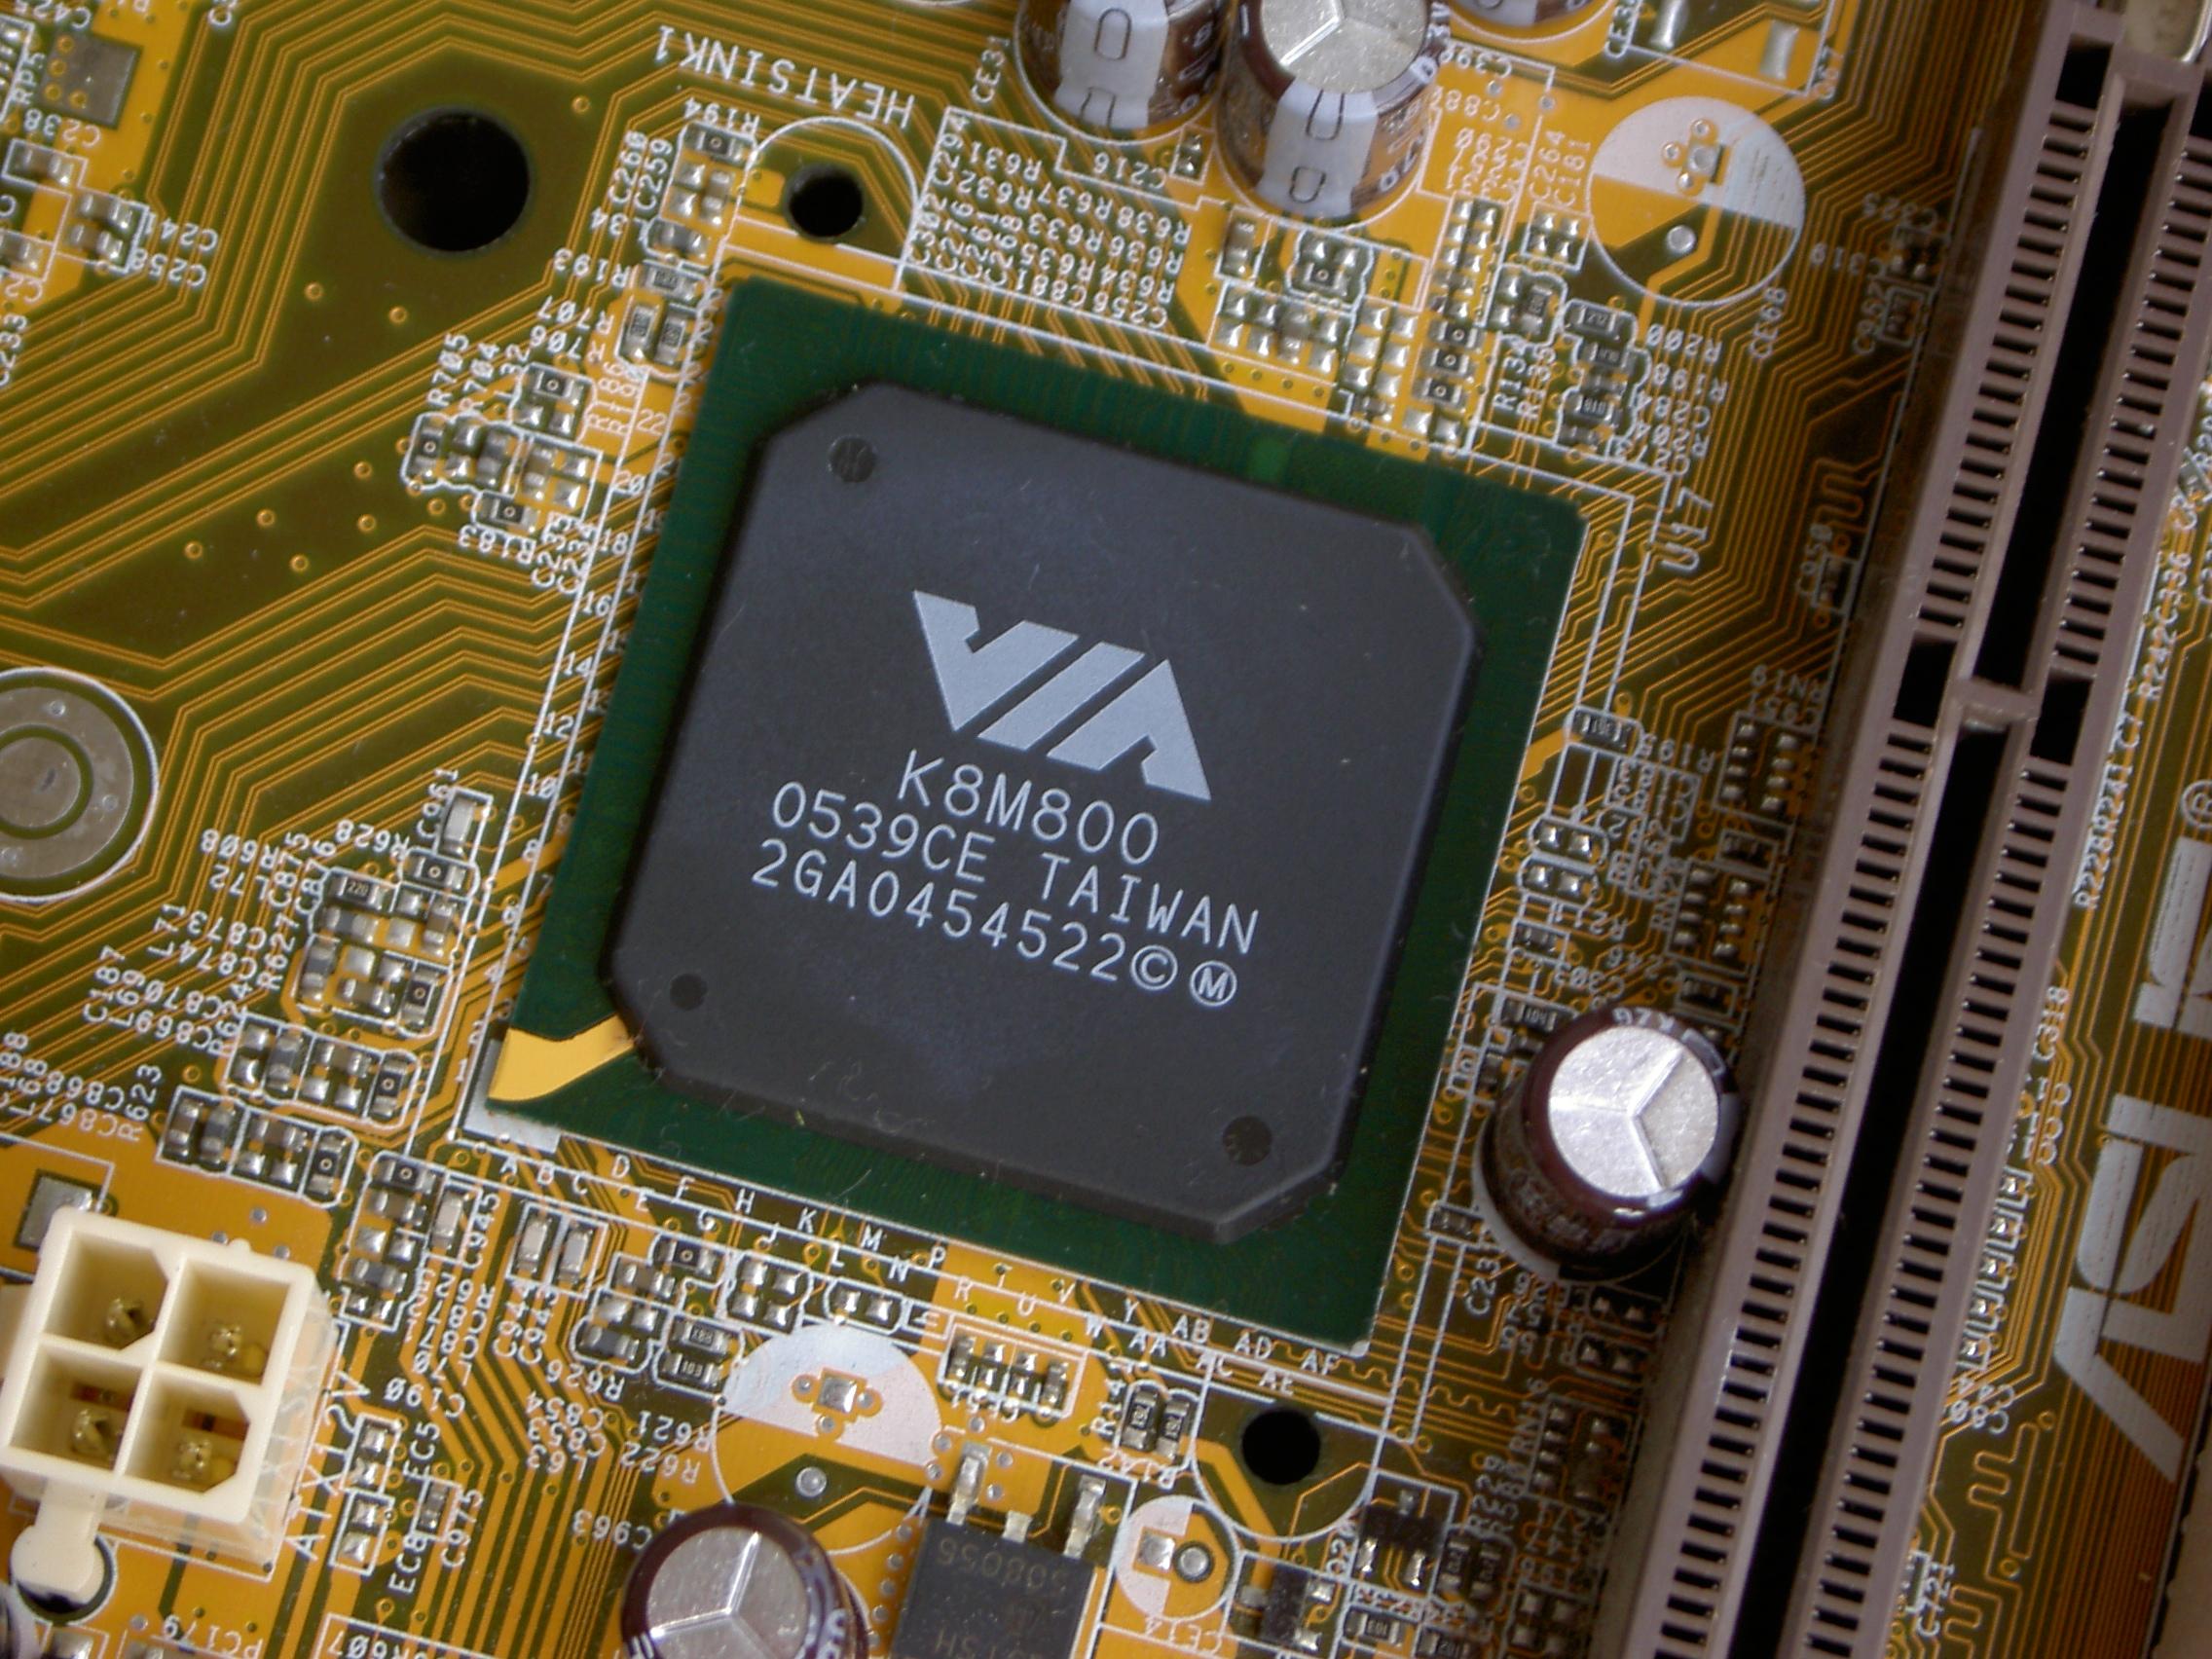 Via(4) VIA unichrome graphics driver - Linux man page